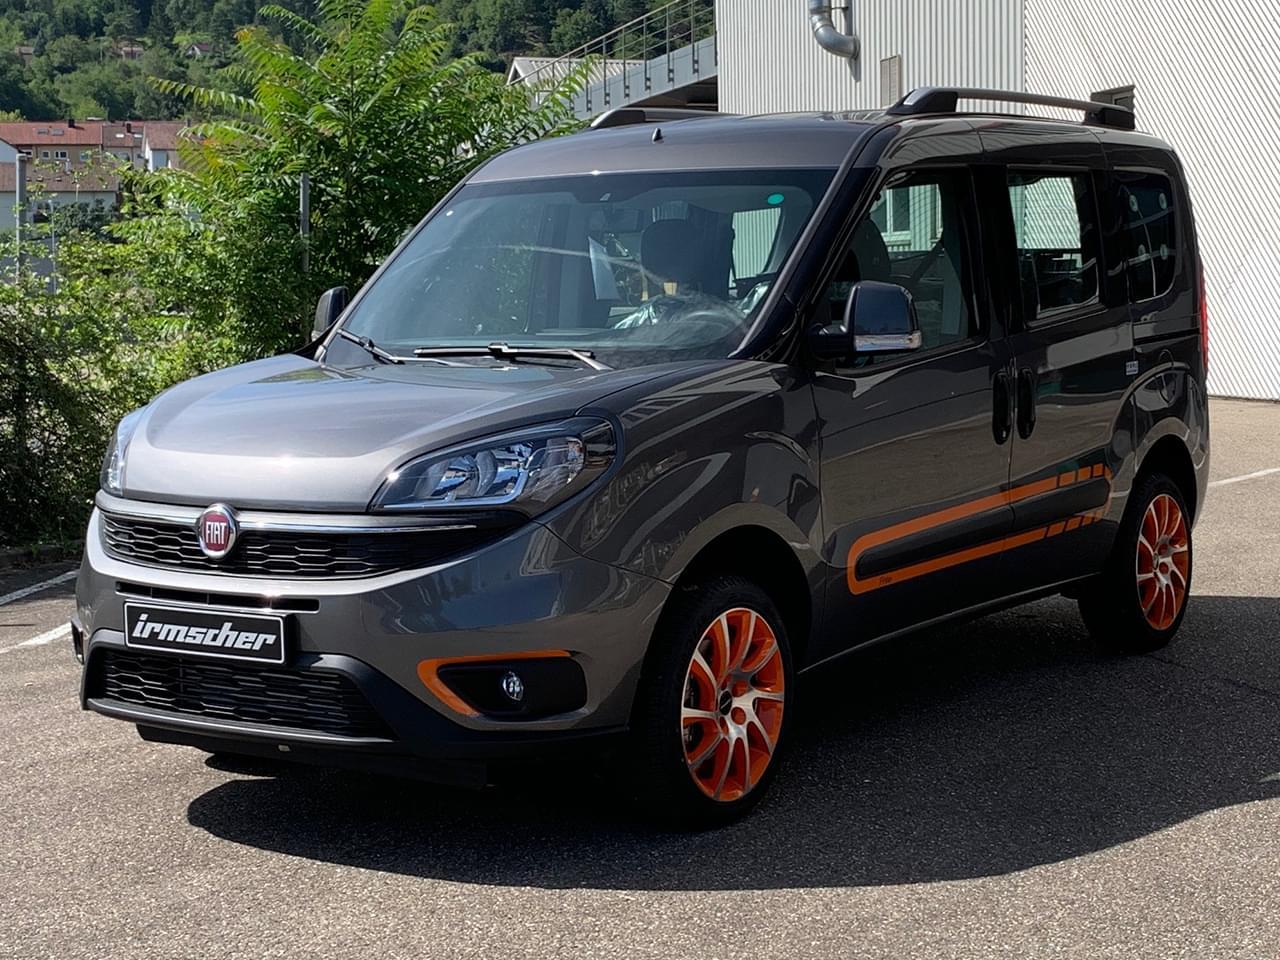 Fiat Doblo Campingumbau Free by Irmscher - SX 1.4 Benziner 5-Sitzer